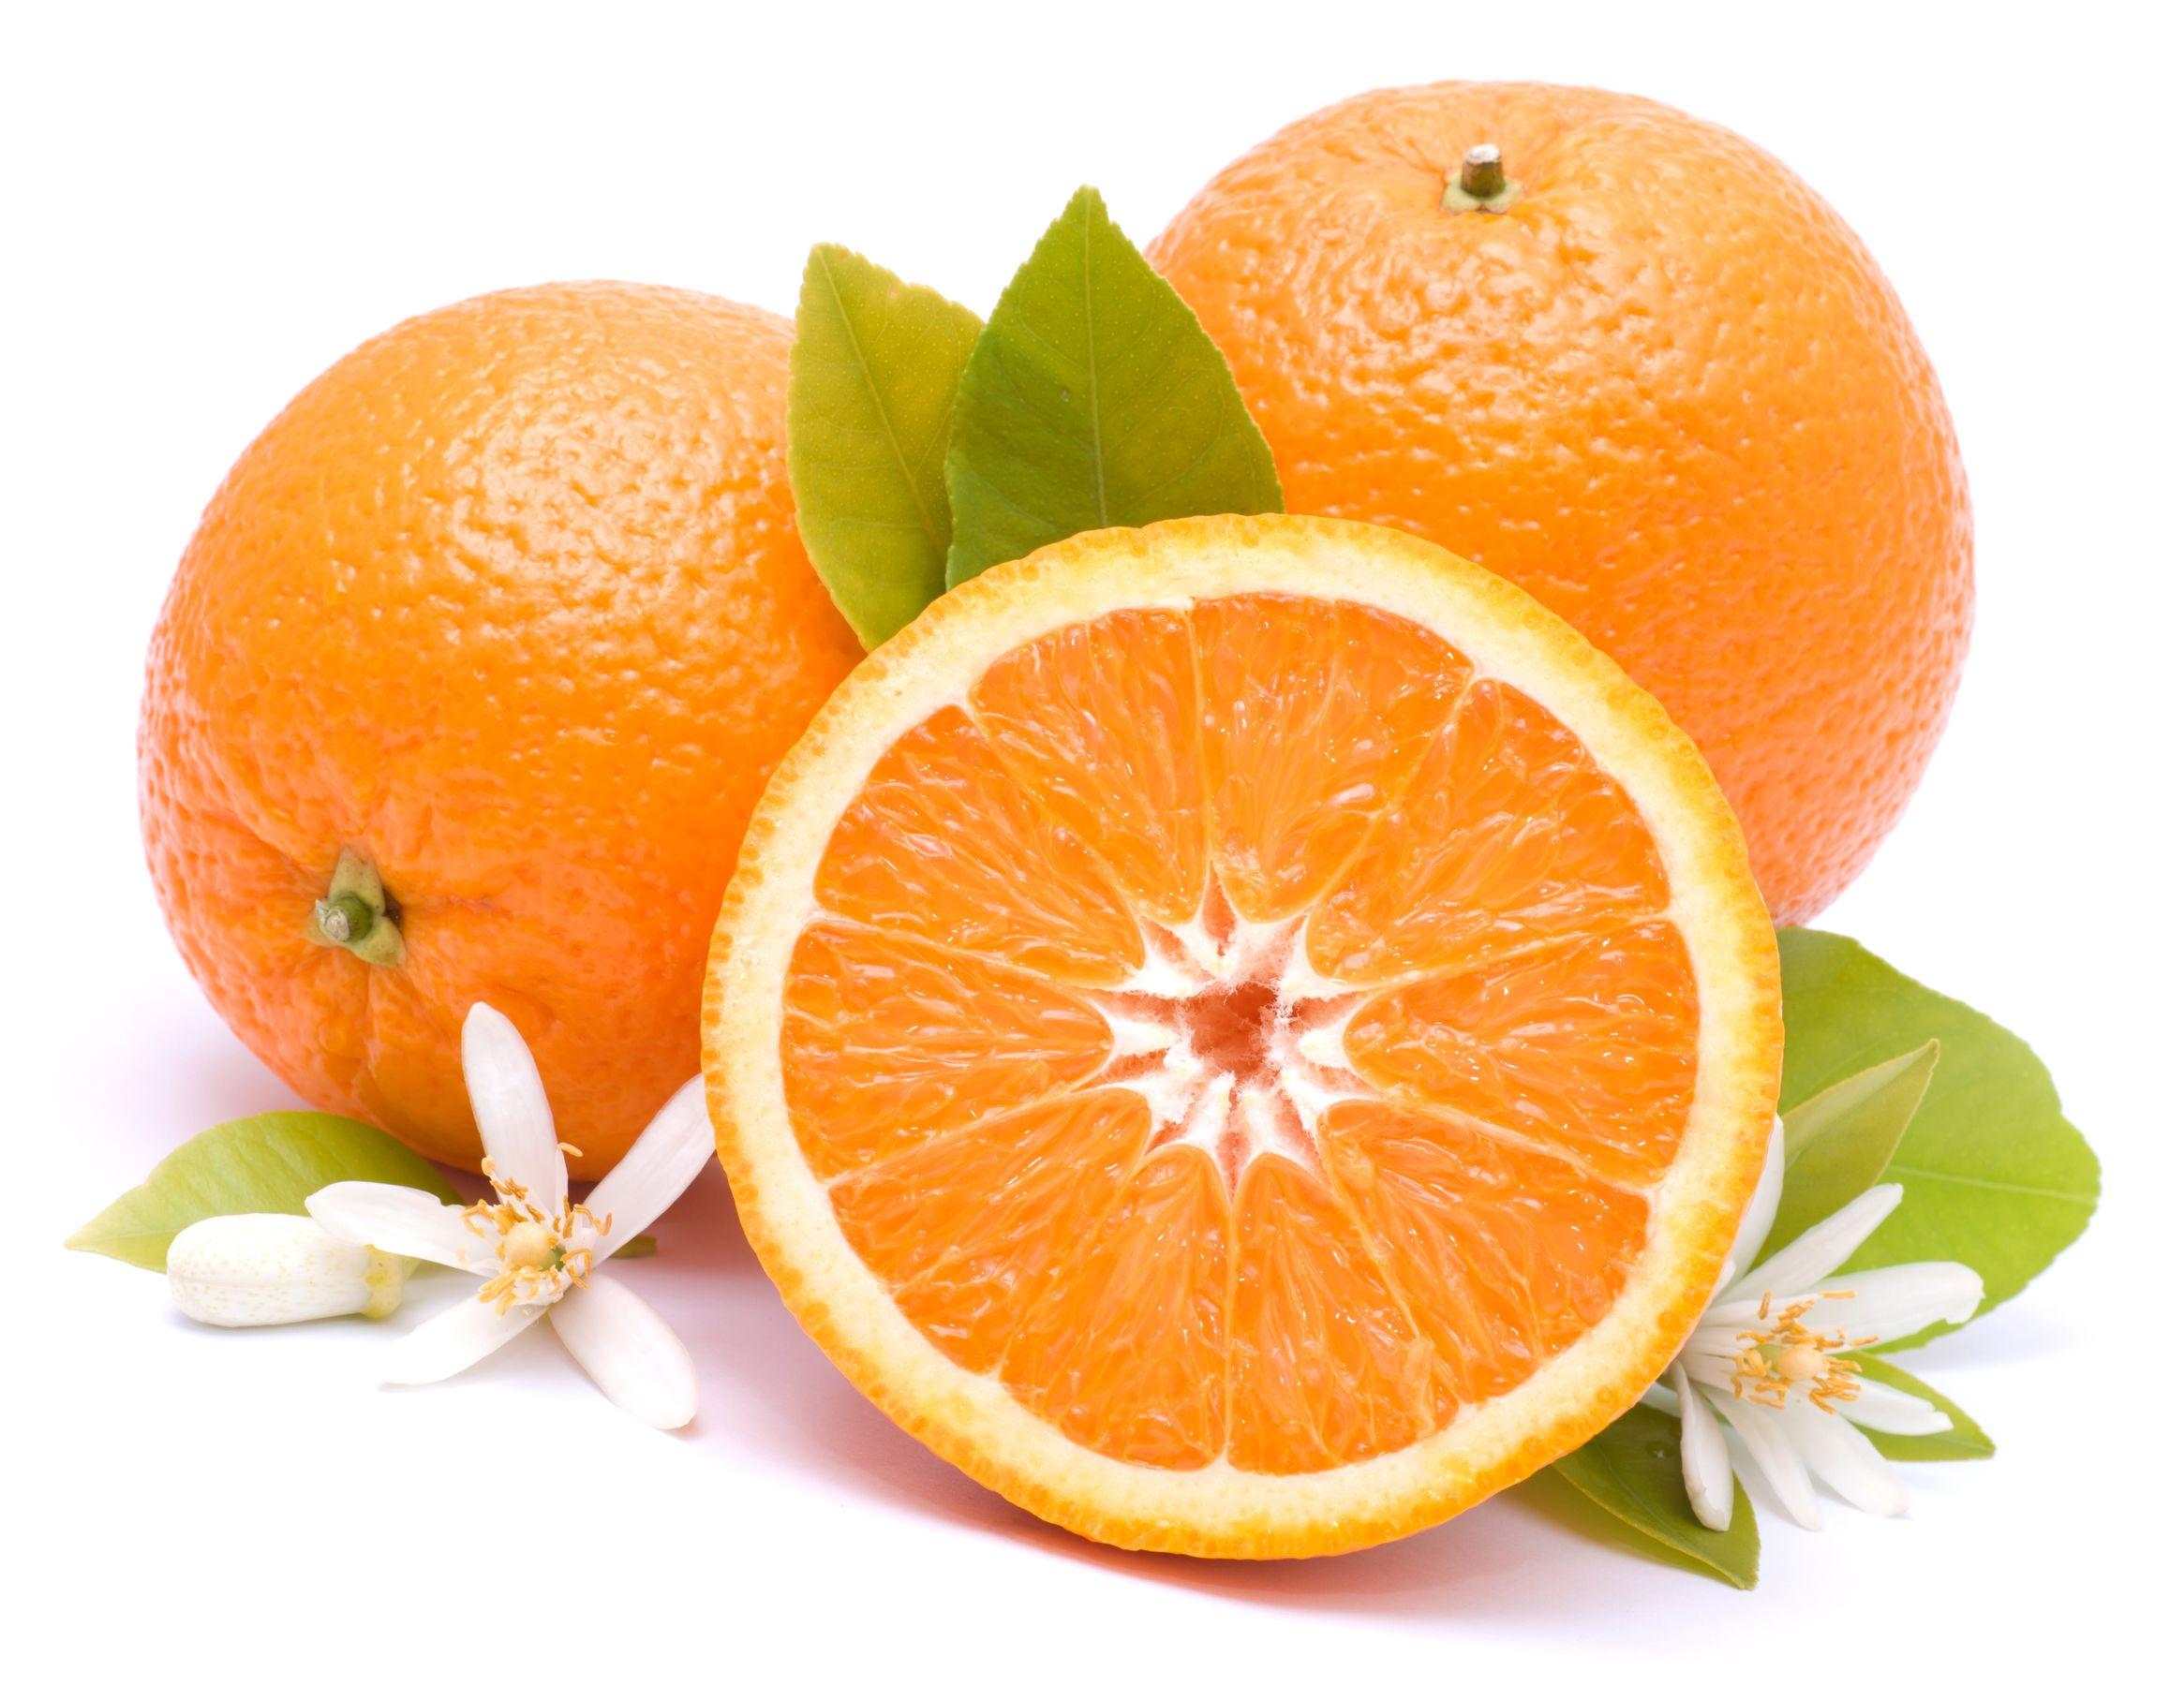 Caja de Naranjas de temporada